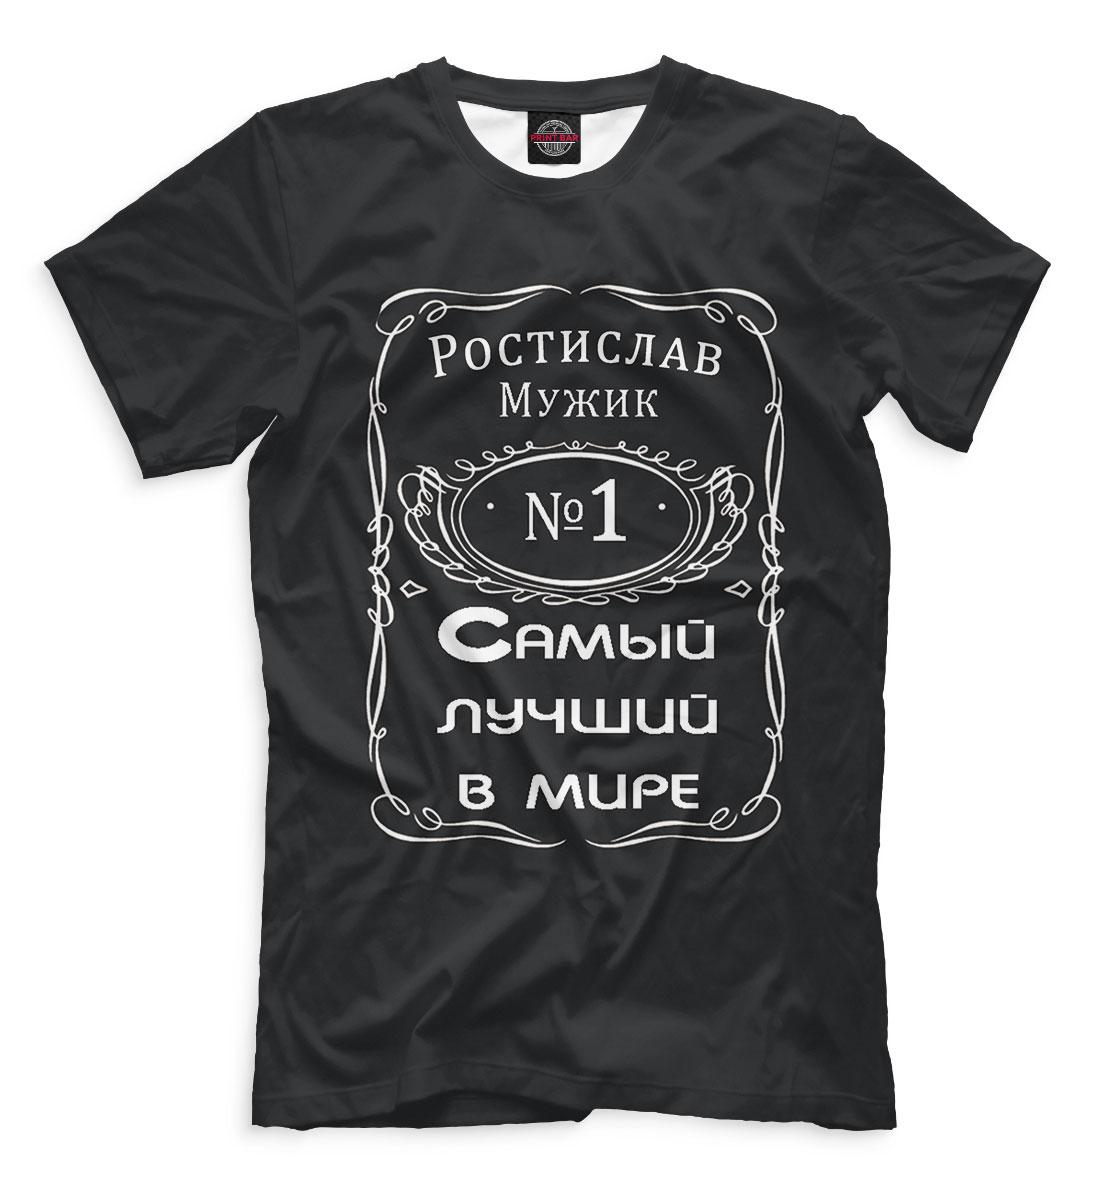 Купить Ростислав — самый лучший в мире, Printbar, Футболки, IMR-525062-fut-2